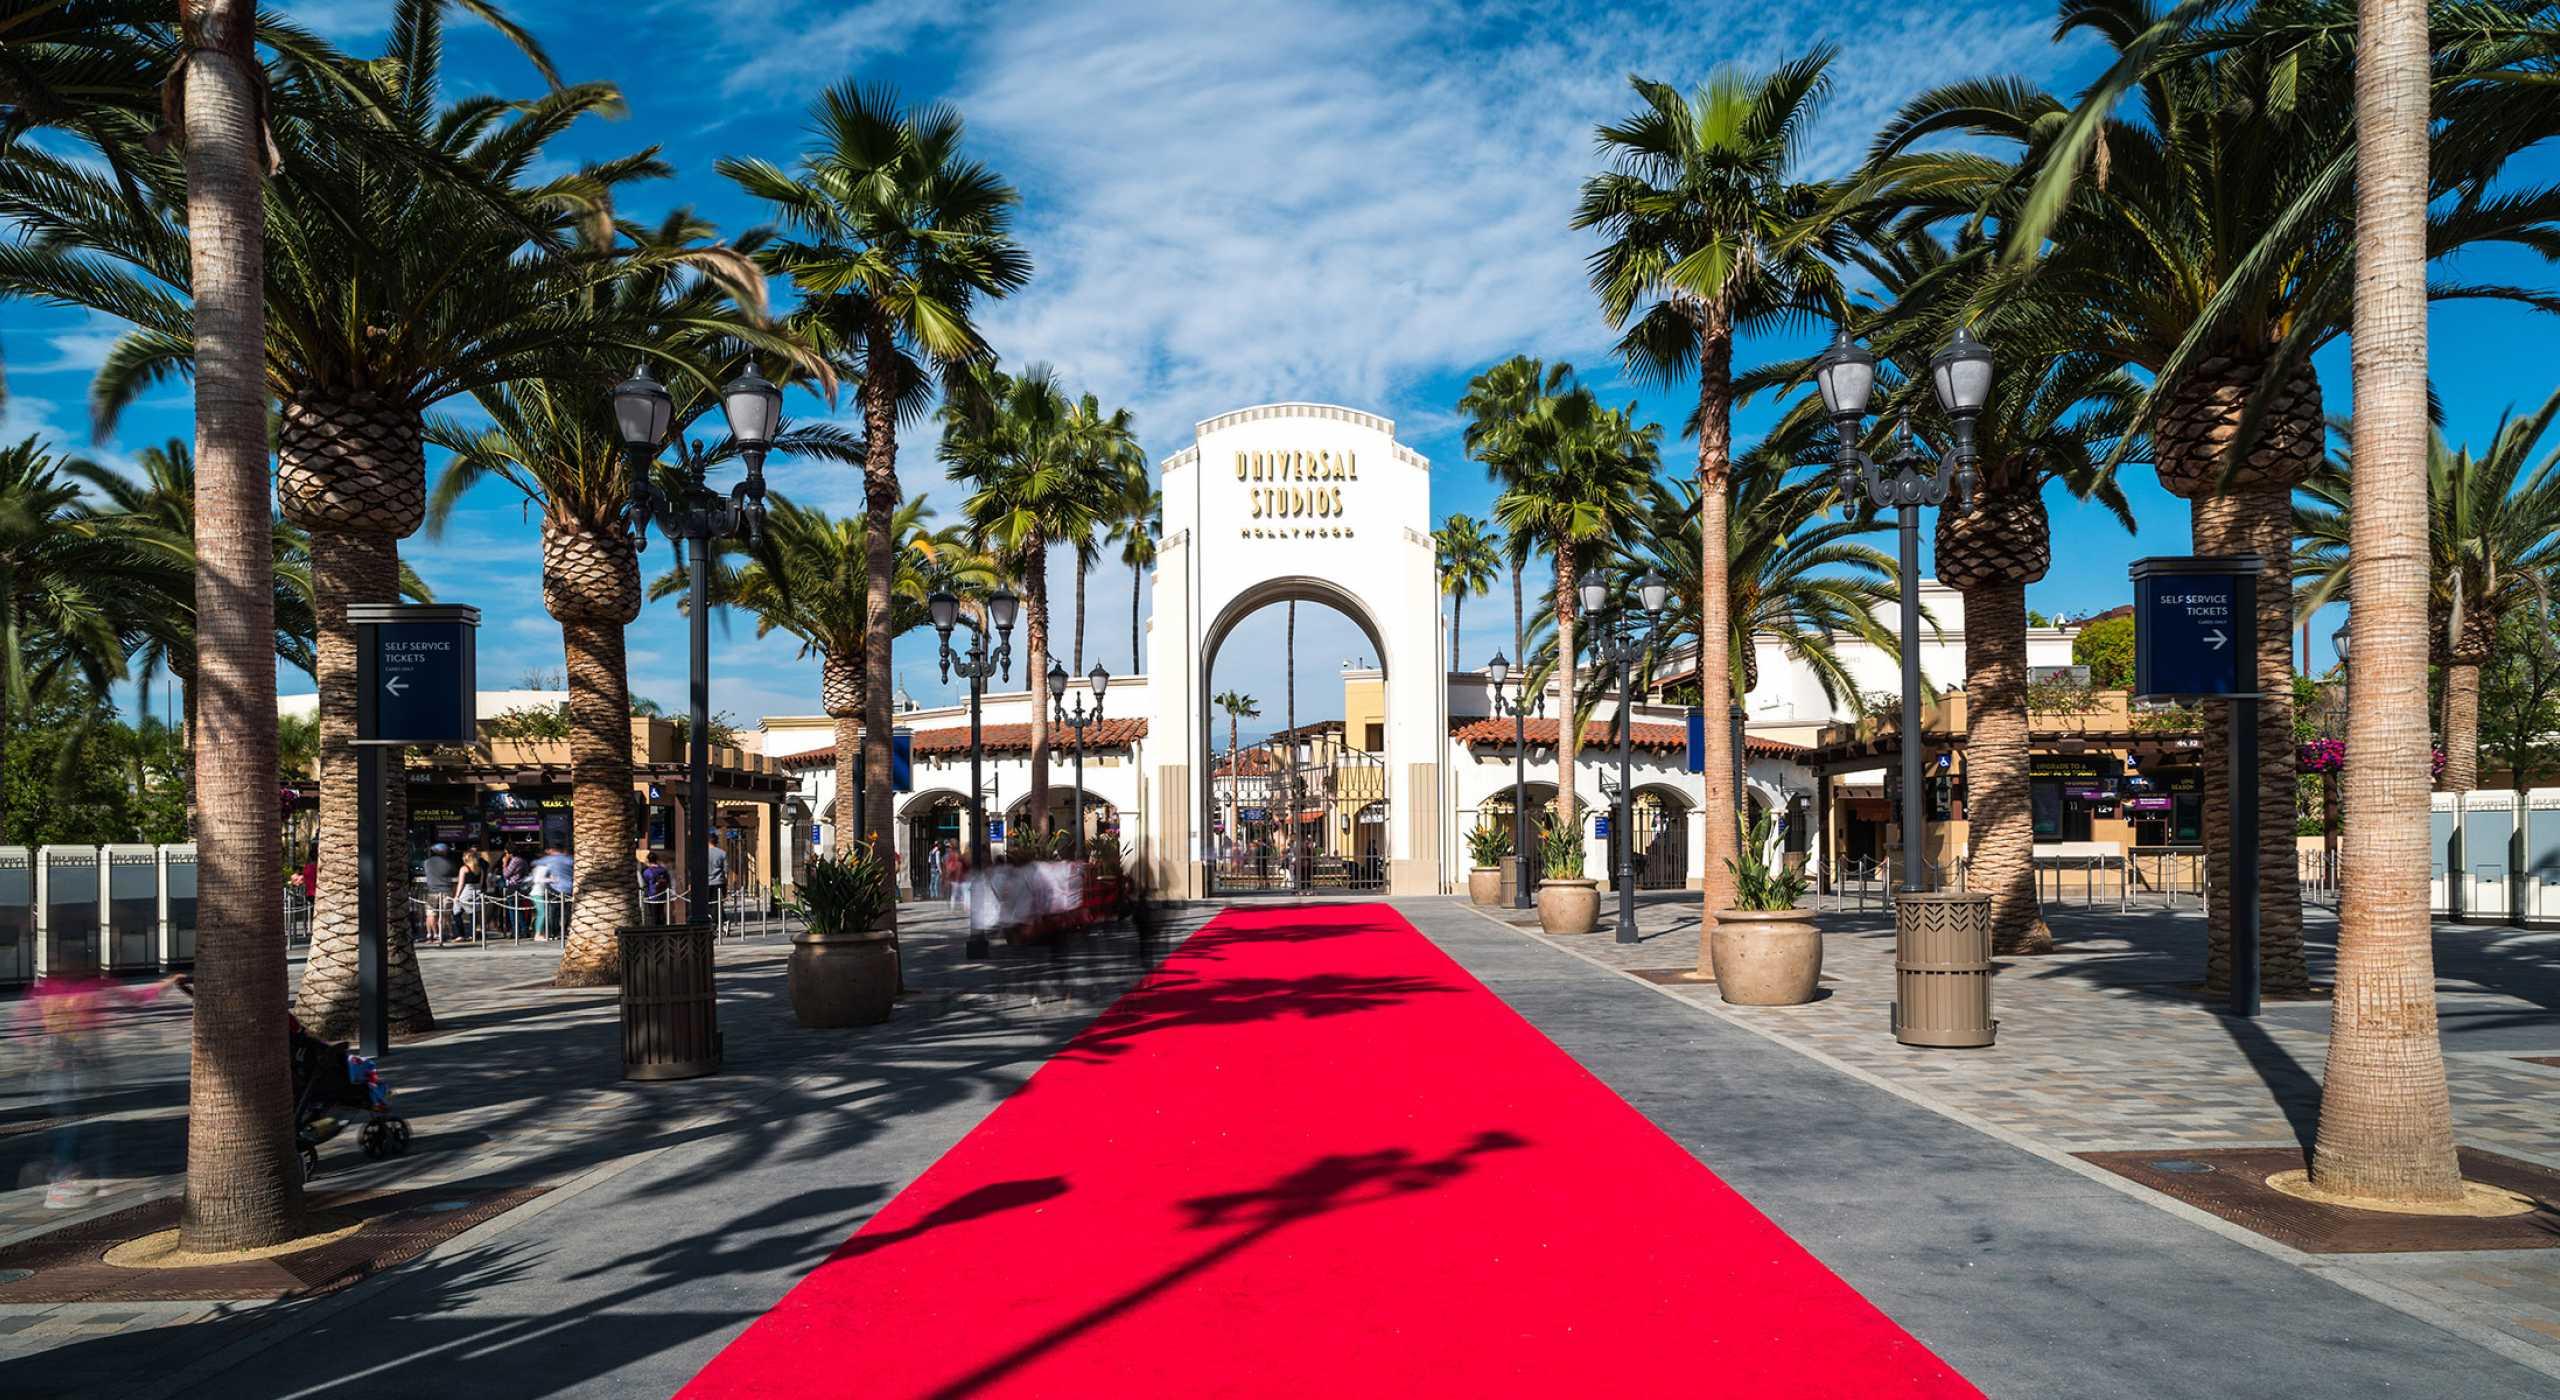 L'entrata degli storici Universal Studios di Hollywood